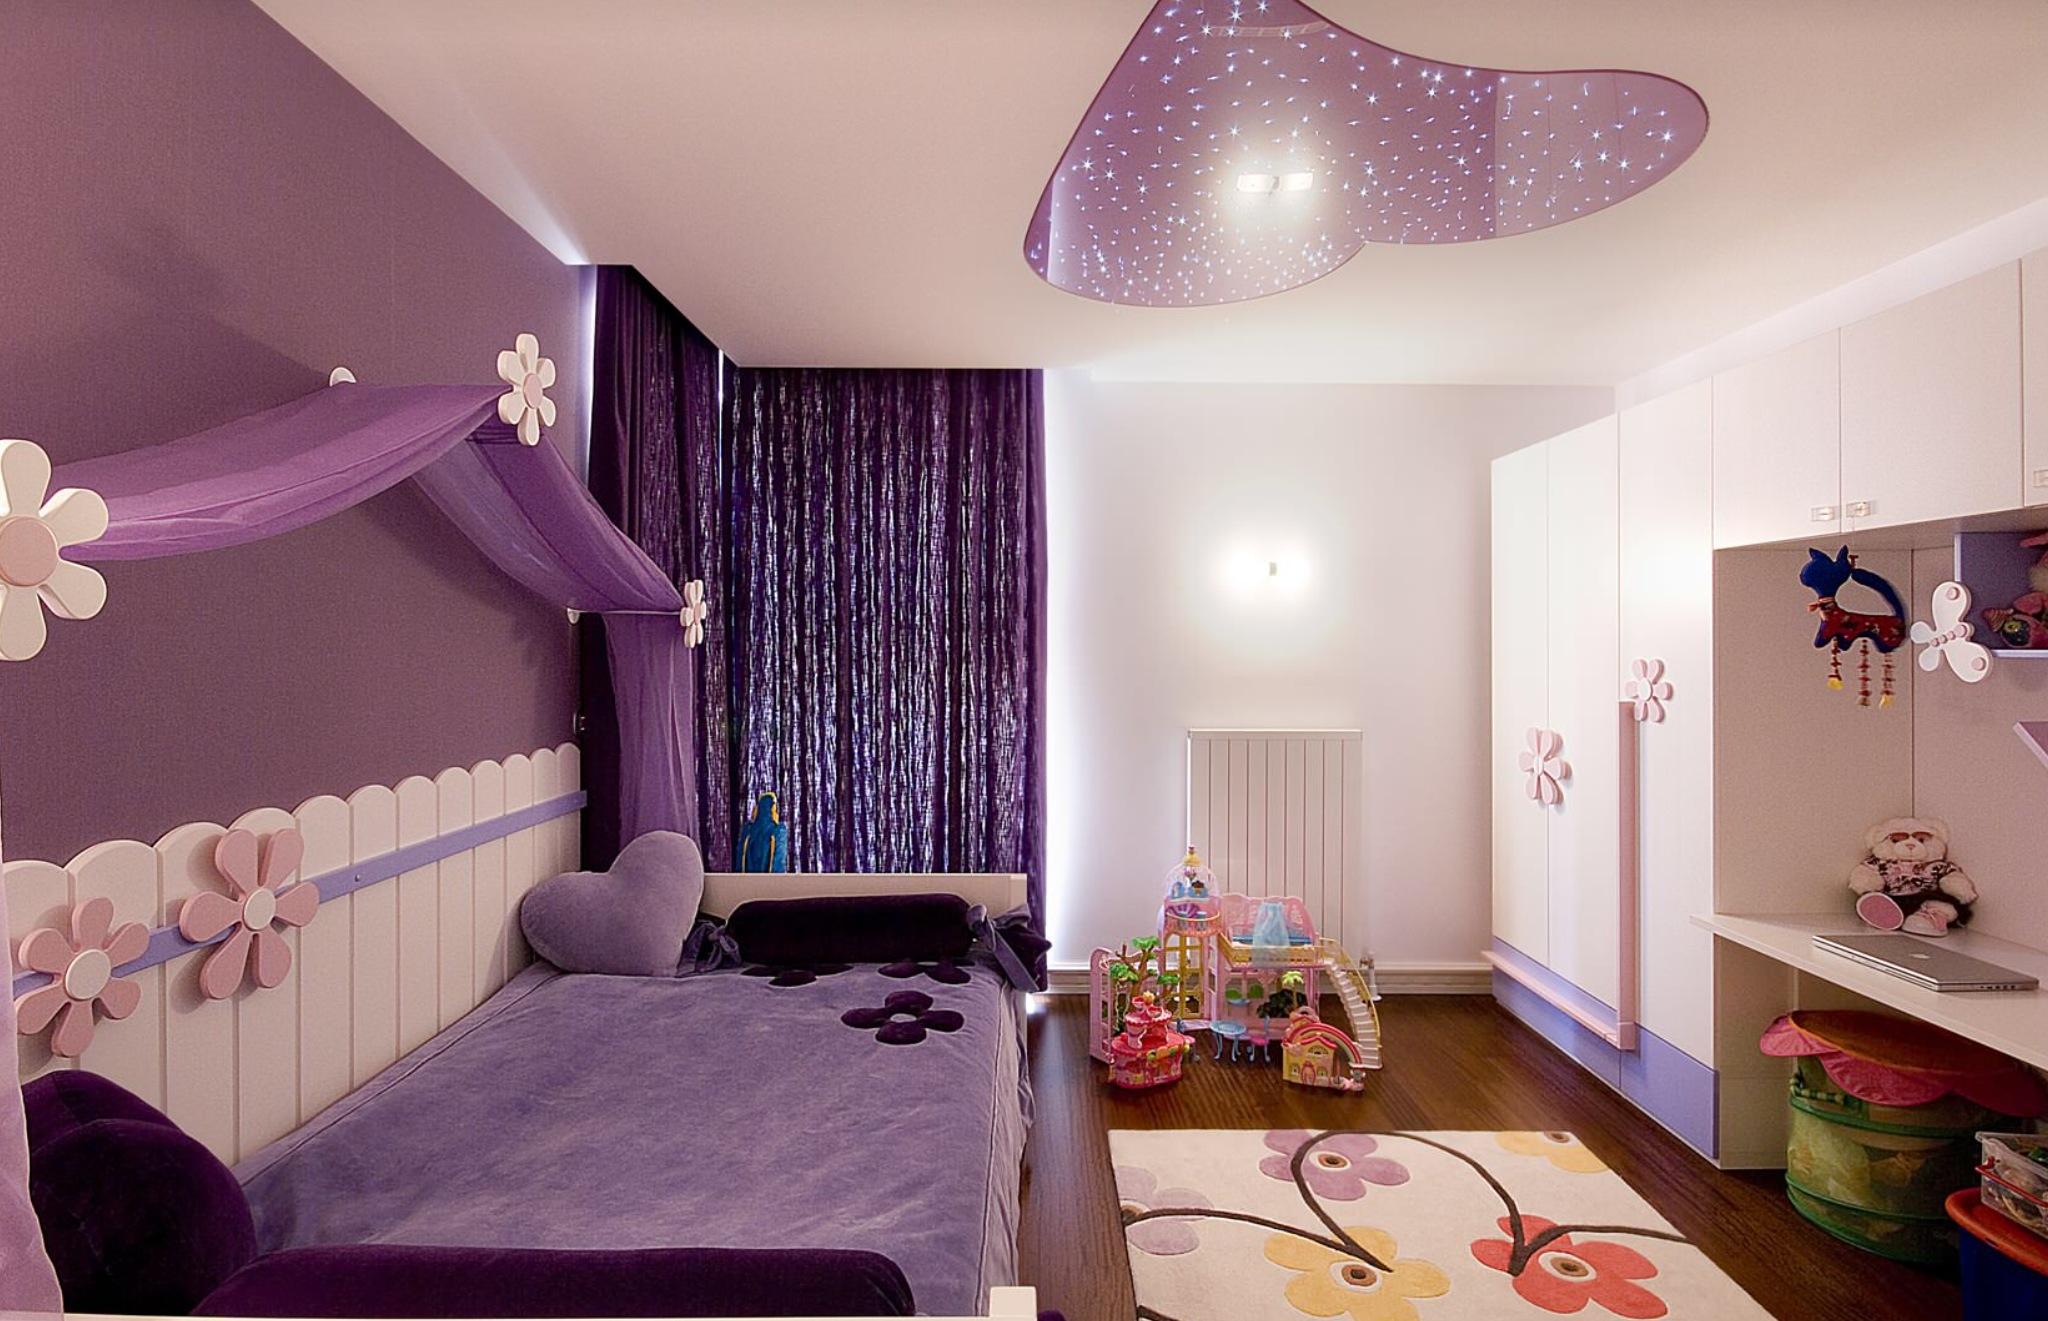 Сердце на потолке в детской для девочки